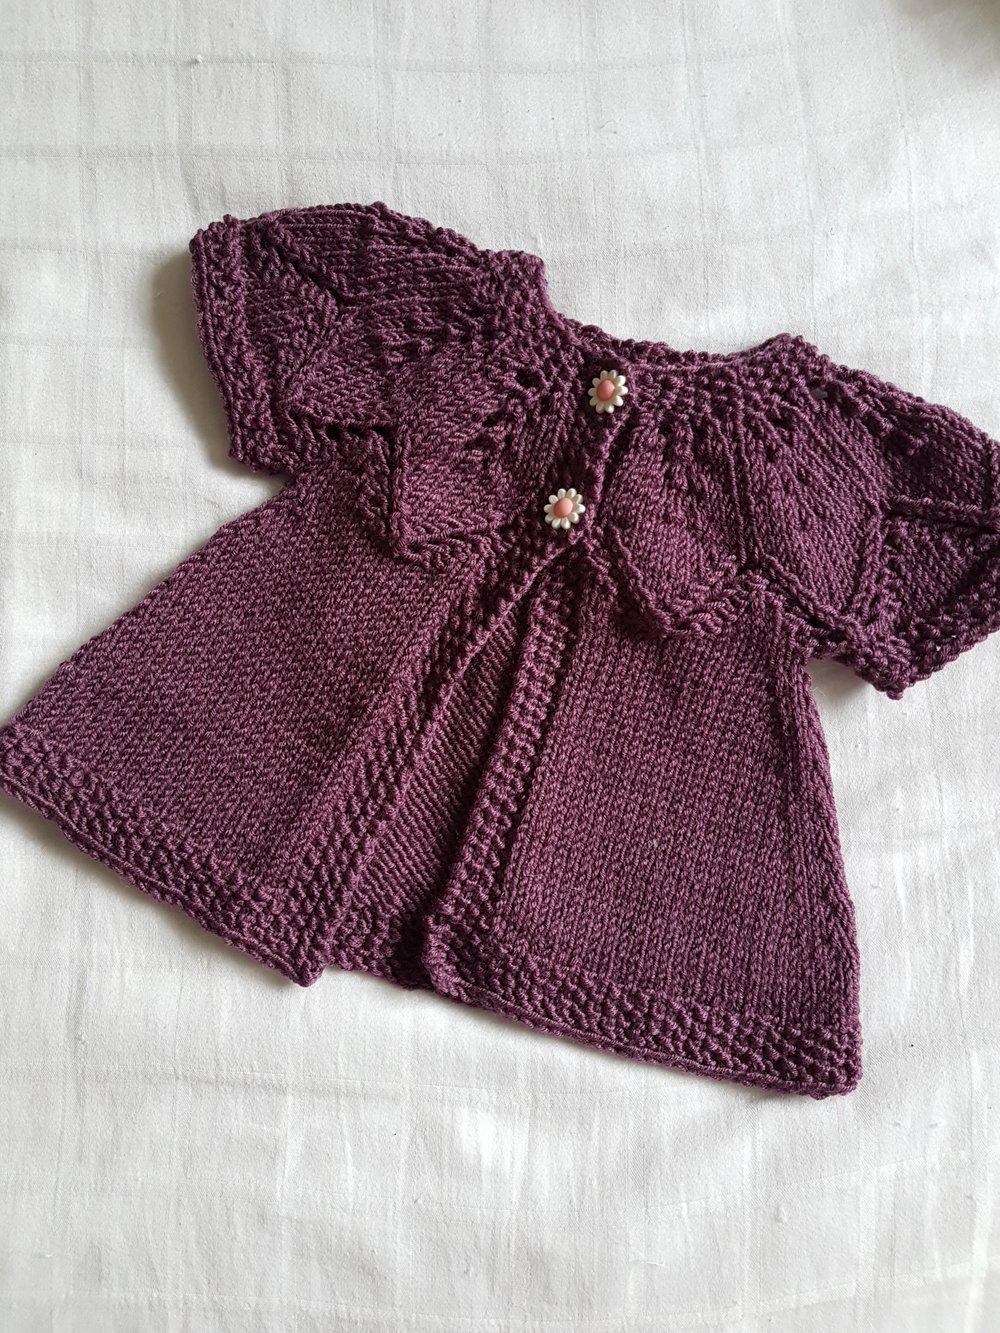 e4eaed9aadb1 Everyday Knitter Blog — Louise Tilbrook Designs